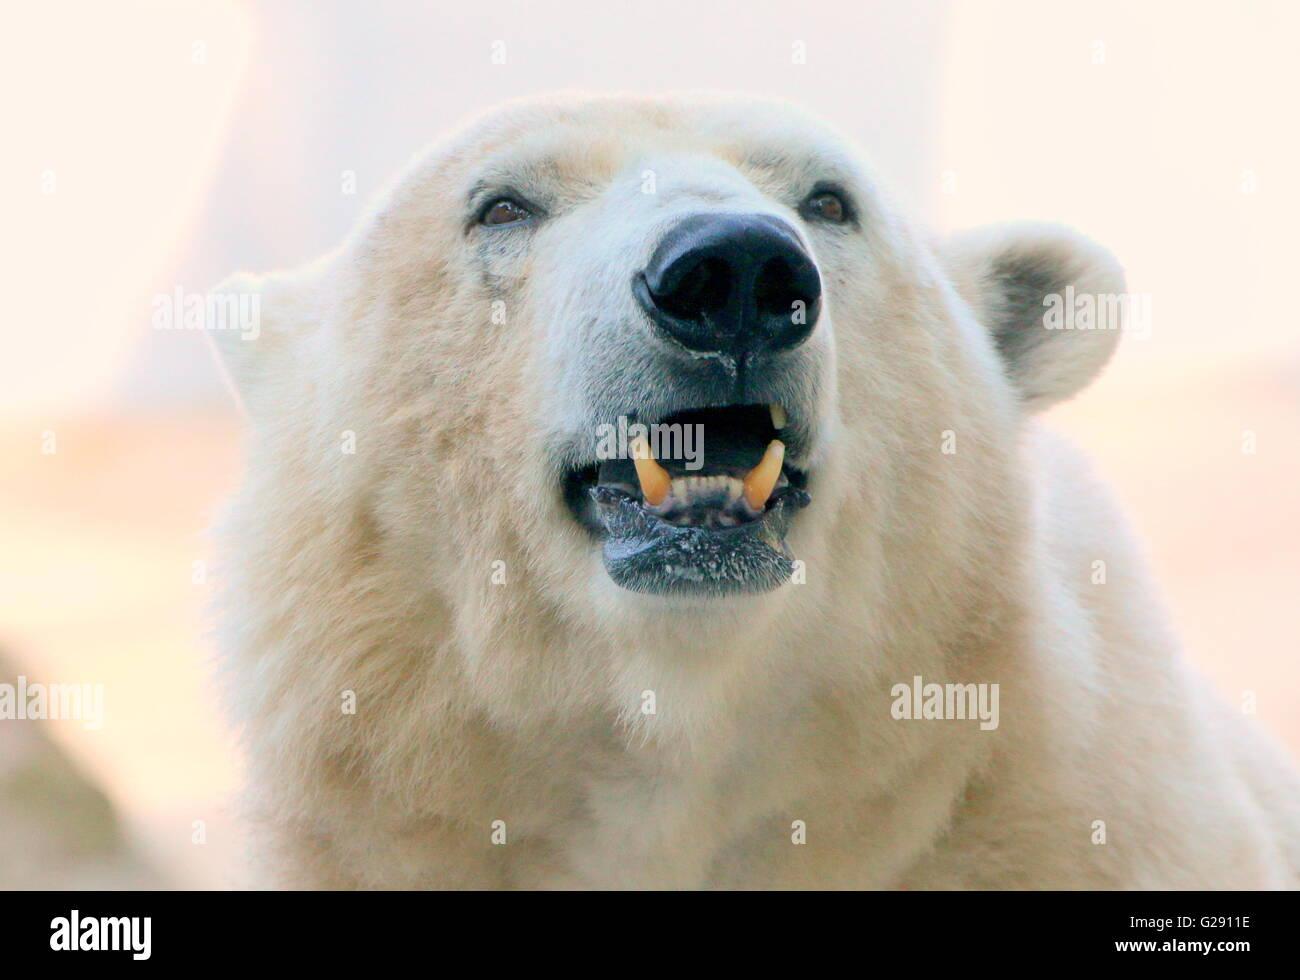 Cerca de la cabeza de un macho maduro gruñido el oso polar (Ursus maritimus), bajo el punto de vista Imagen De Stock